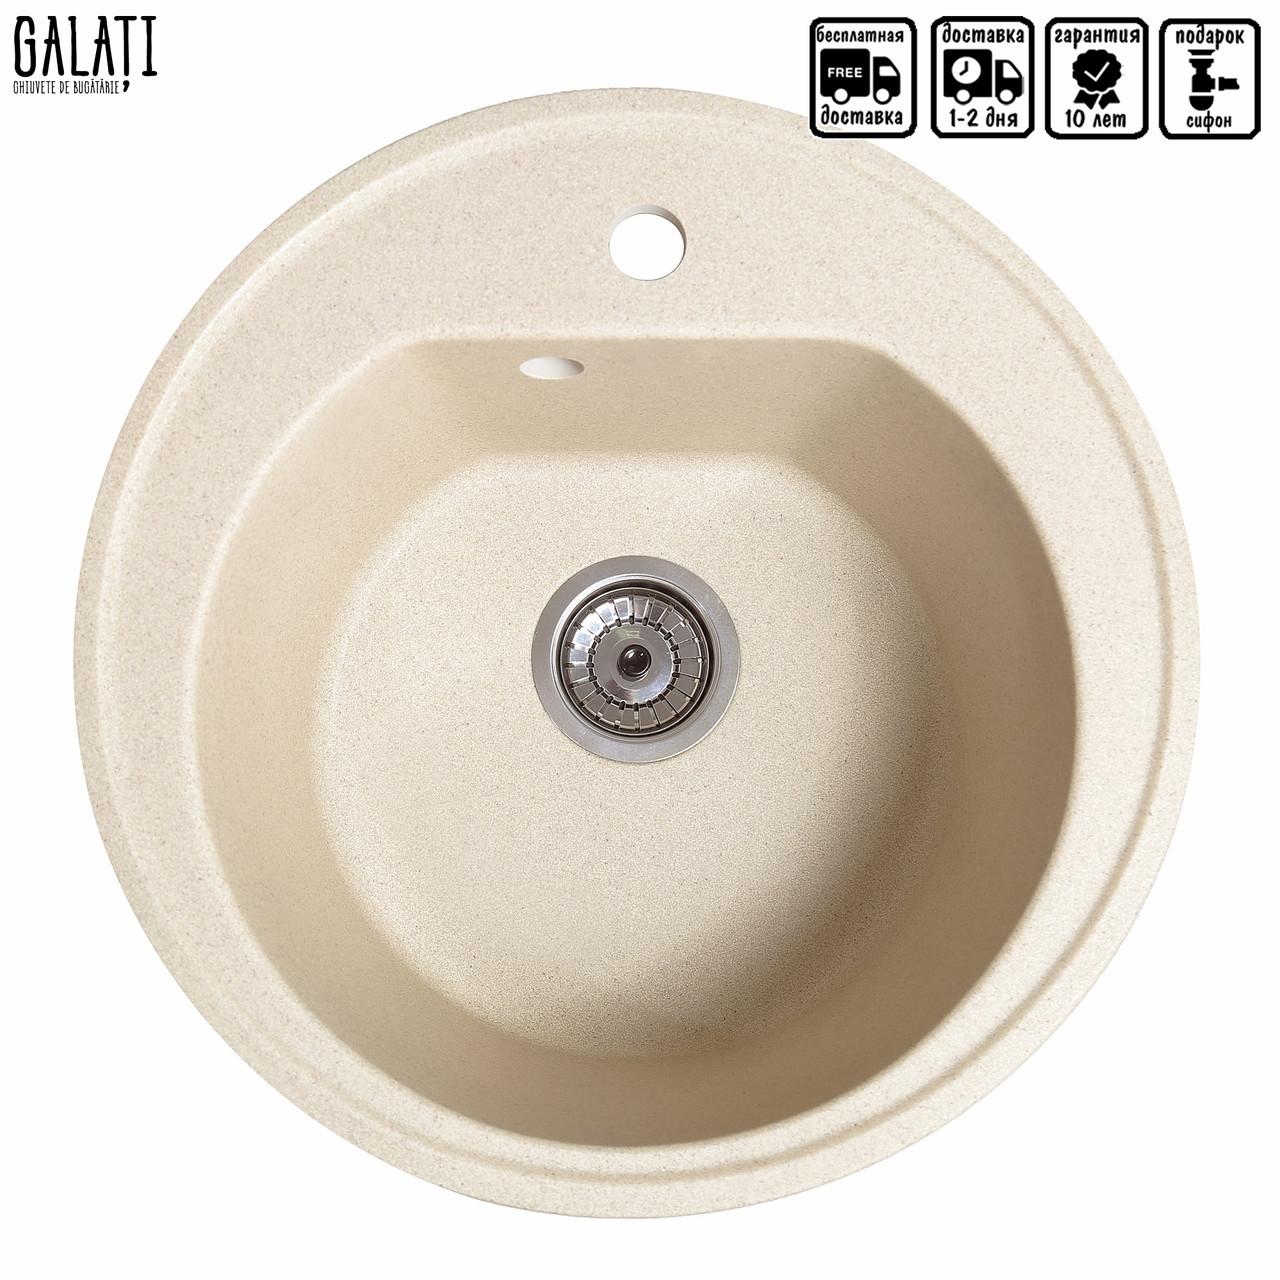 Кухонна мийка Galati Klasicky Avena (501)